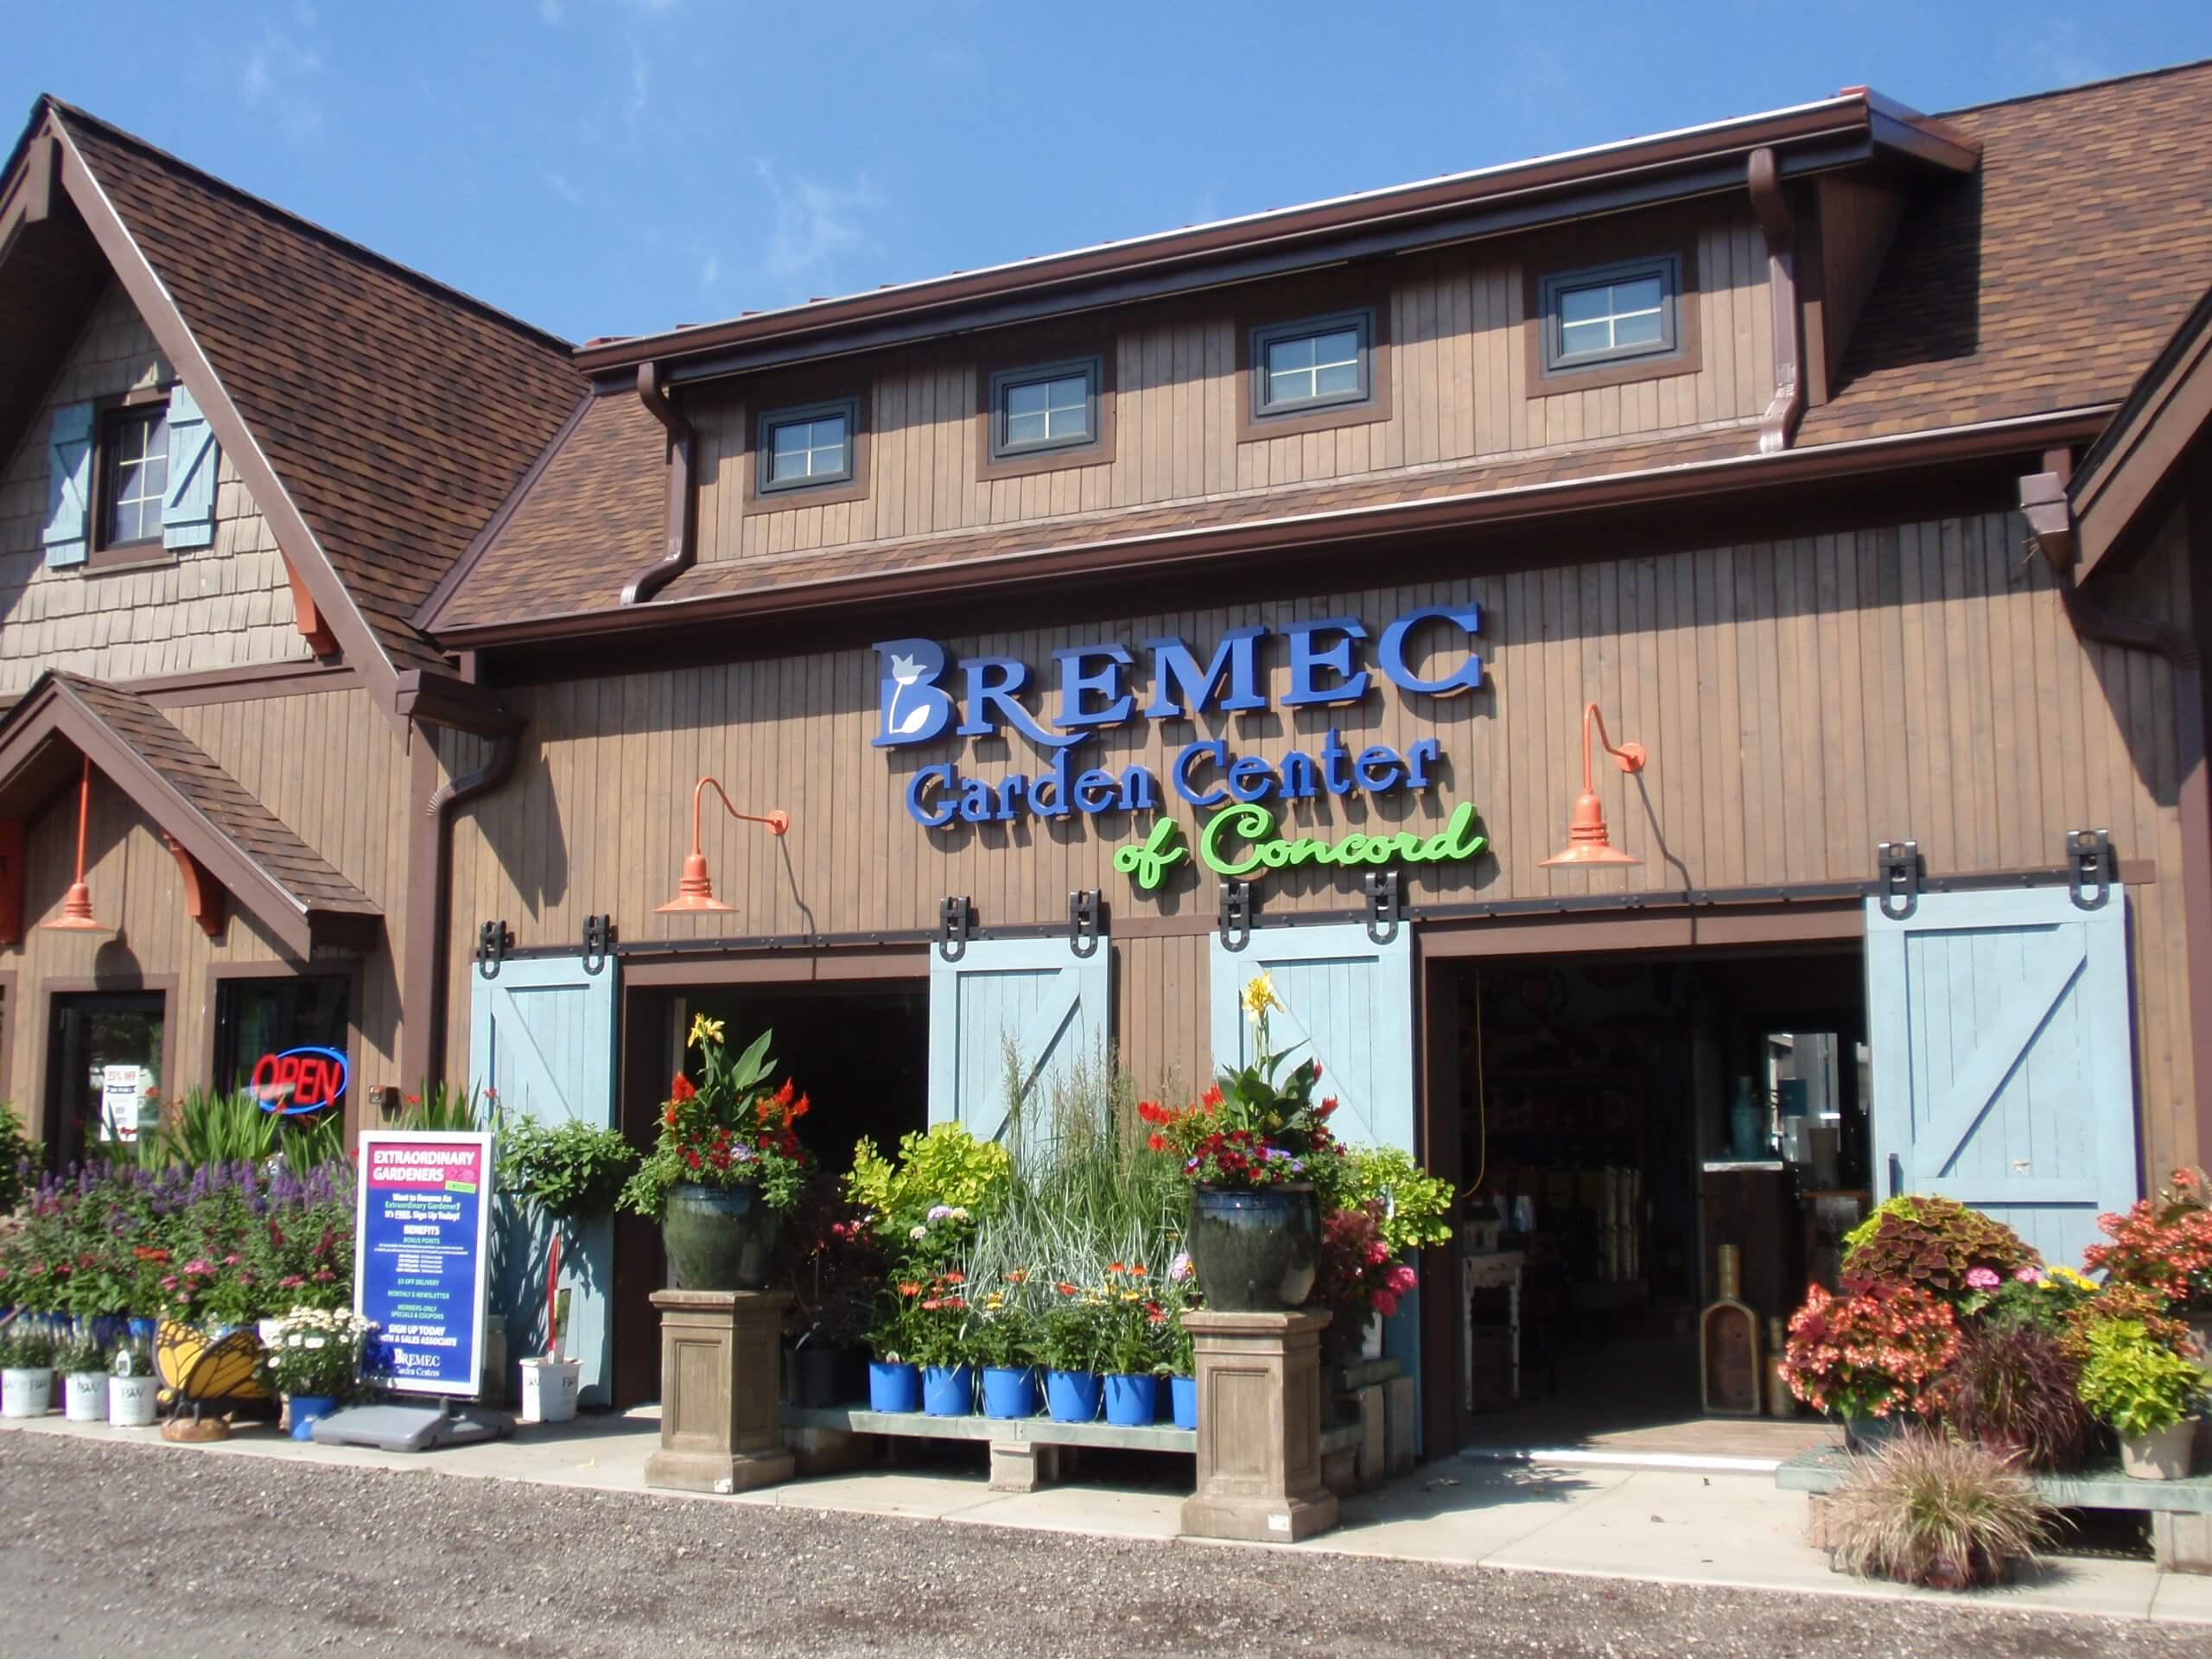 Bremec Garden Center of Concord building entrance